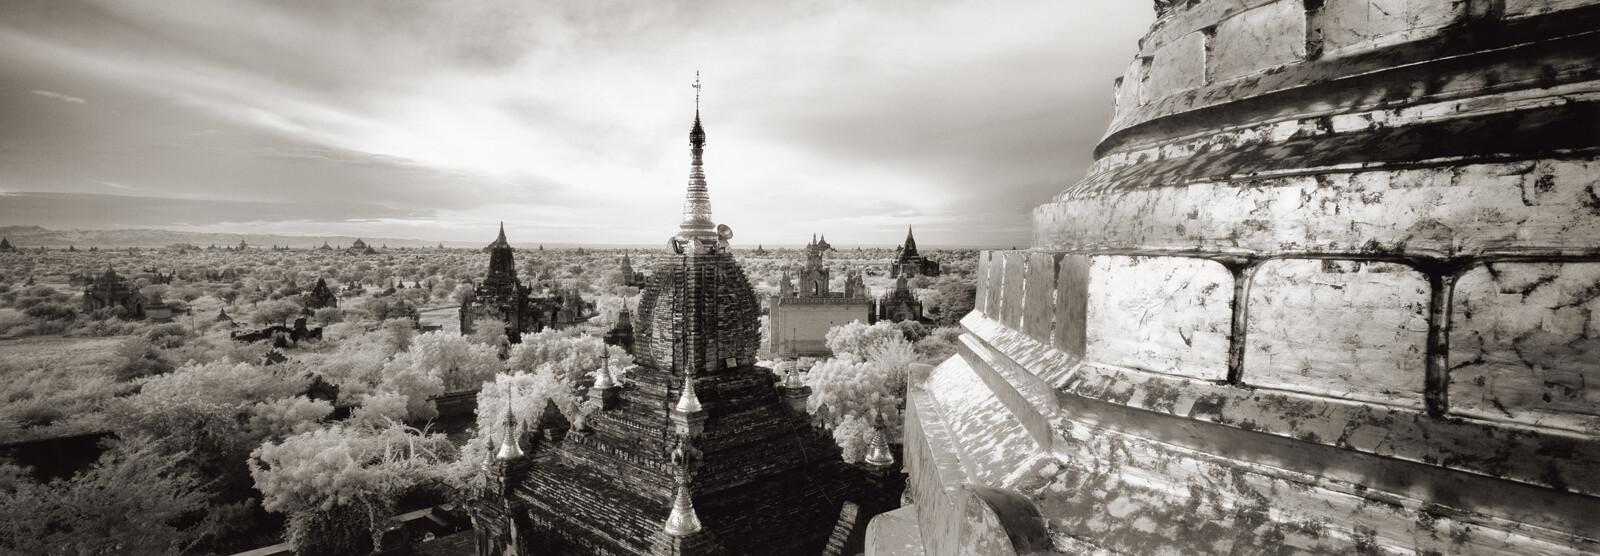 Dhammayazika Pagoda, Bagan, Myanmar - Helmut Hirler